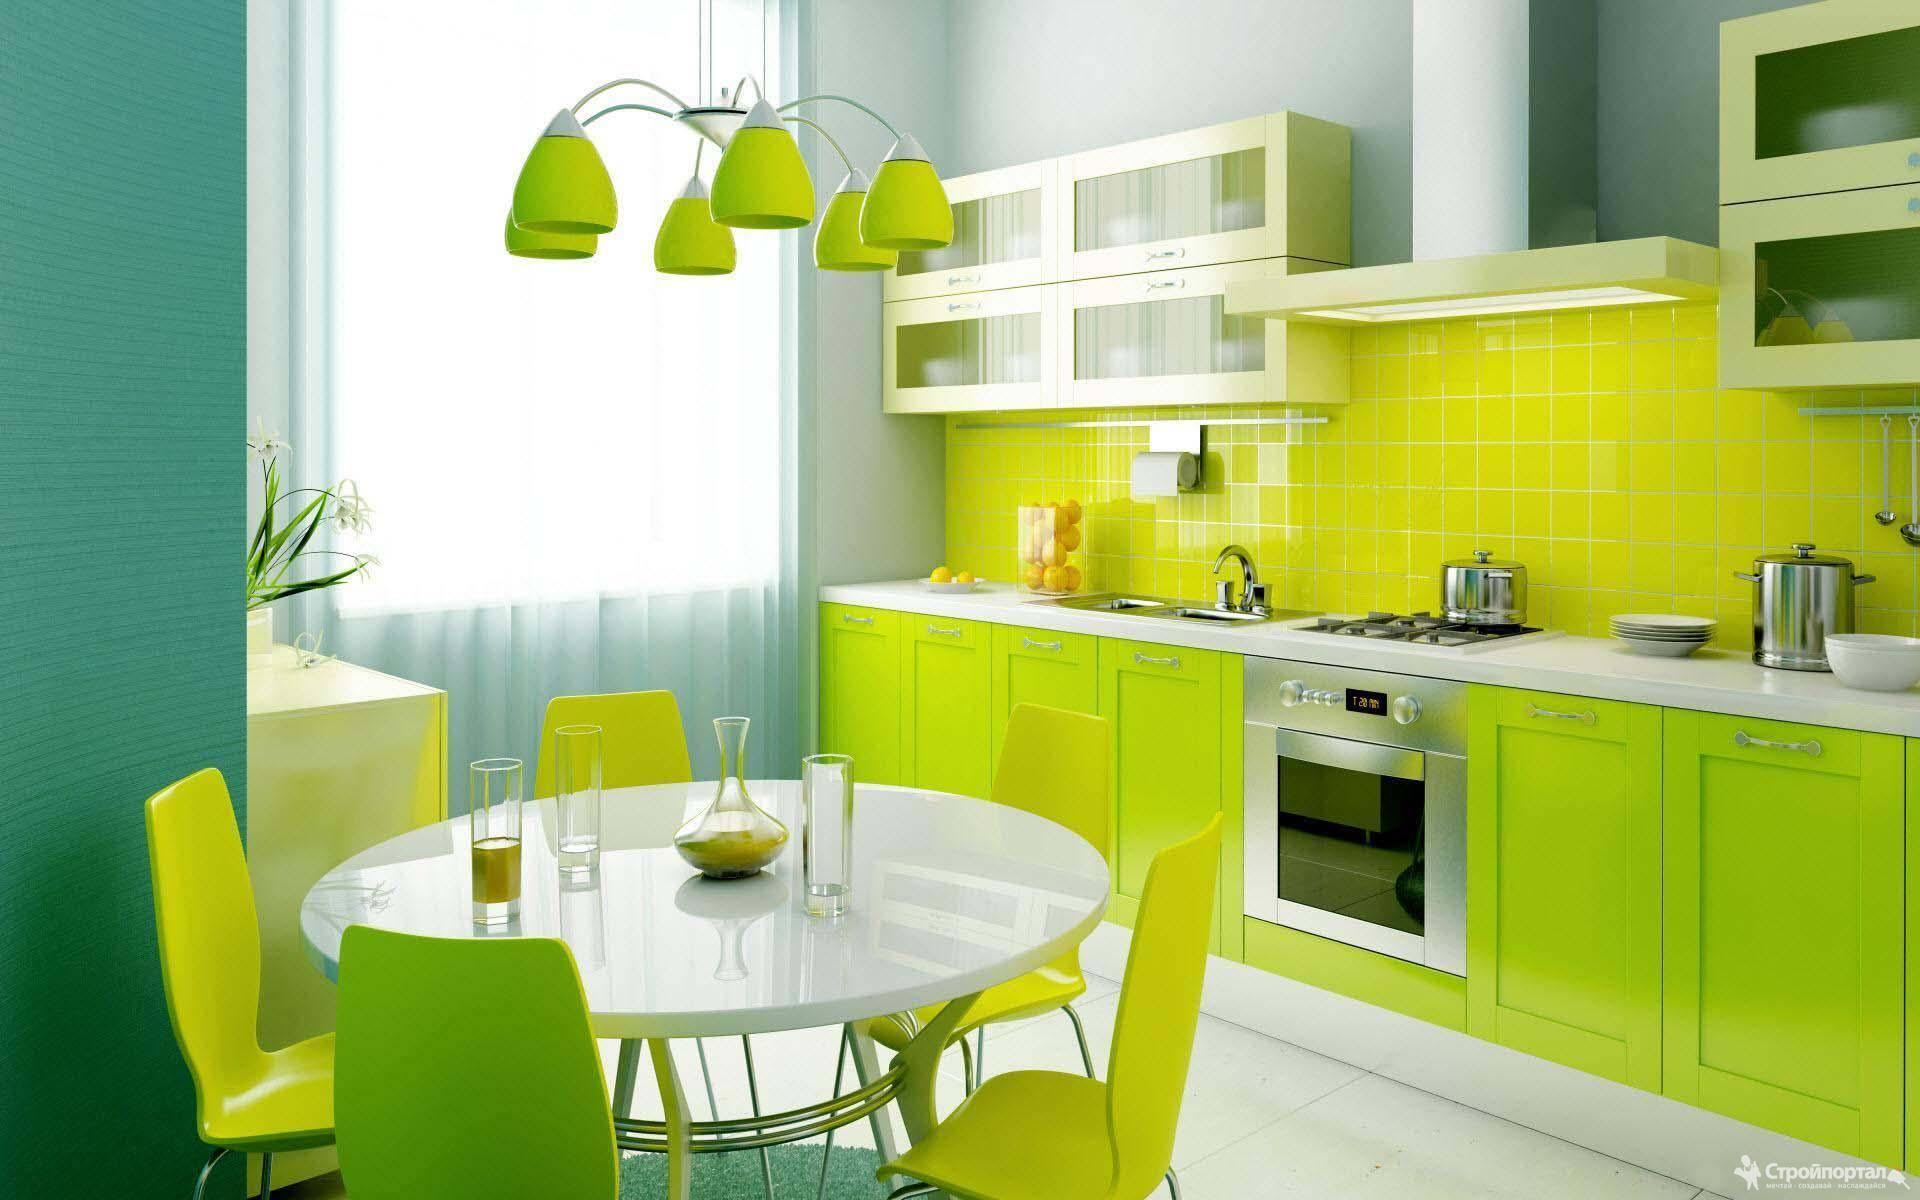 Кухня в зеленых тонах: дизайн интерьера и фото